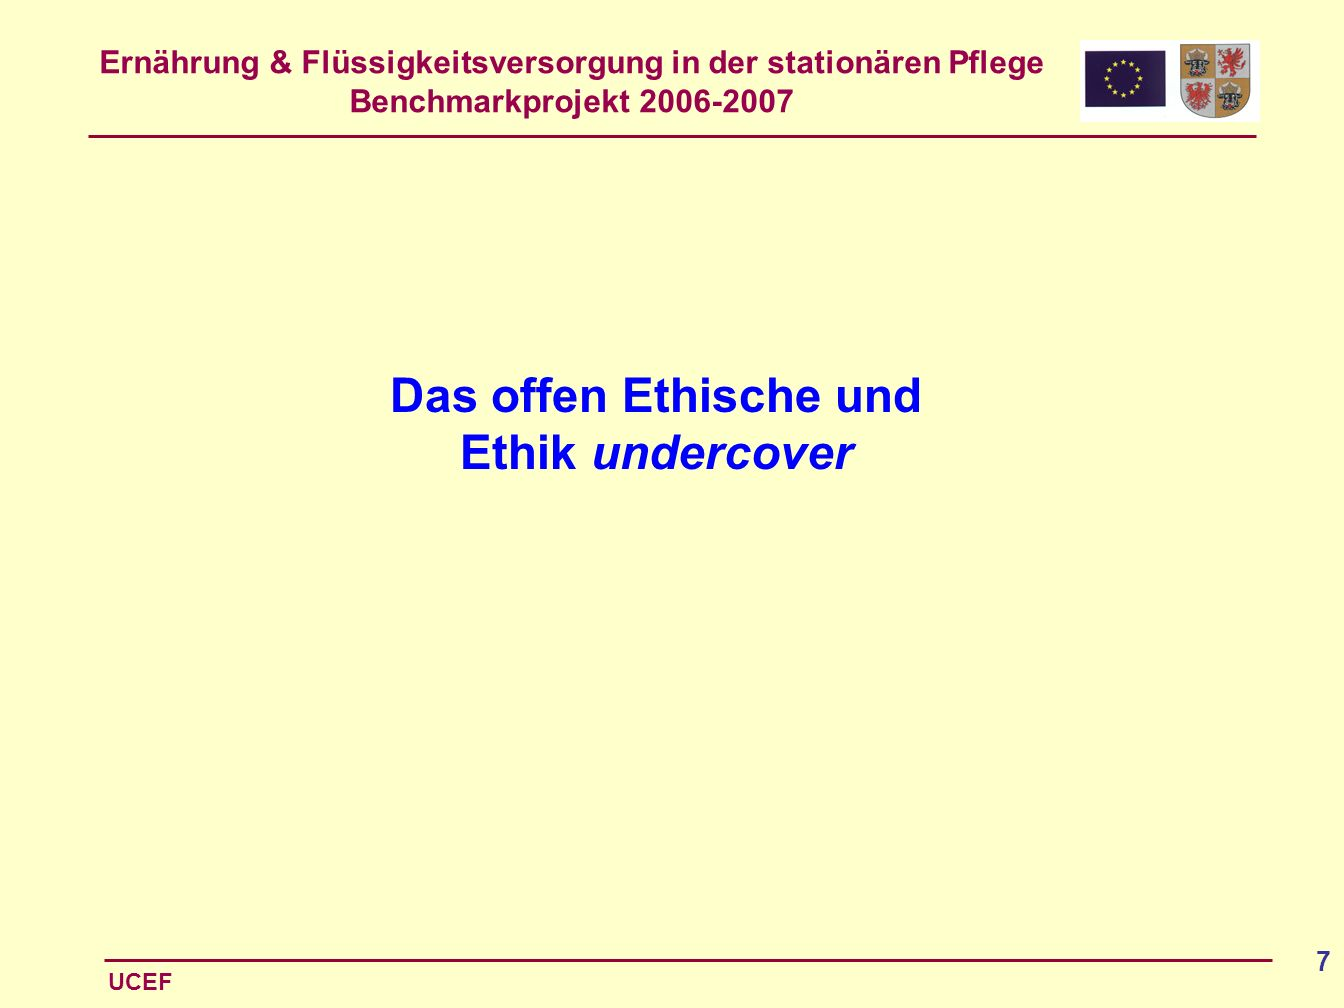 Das offen Ethische und Ethik undercover